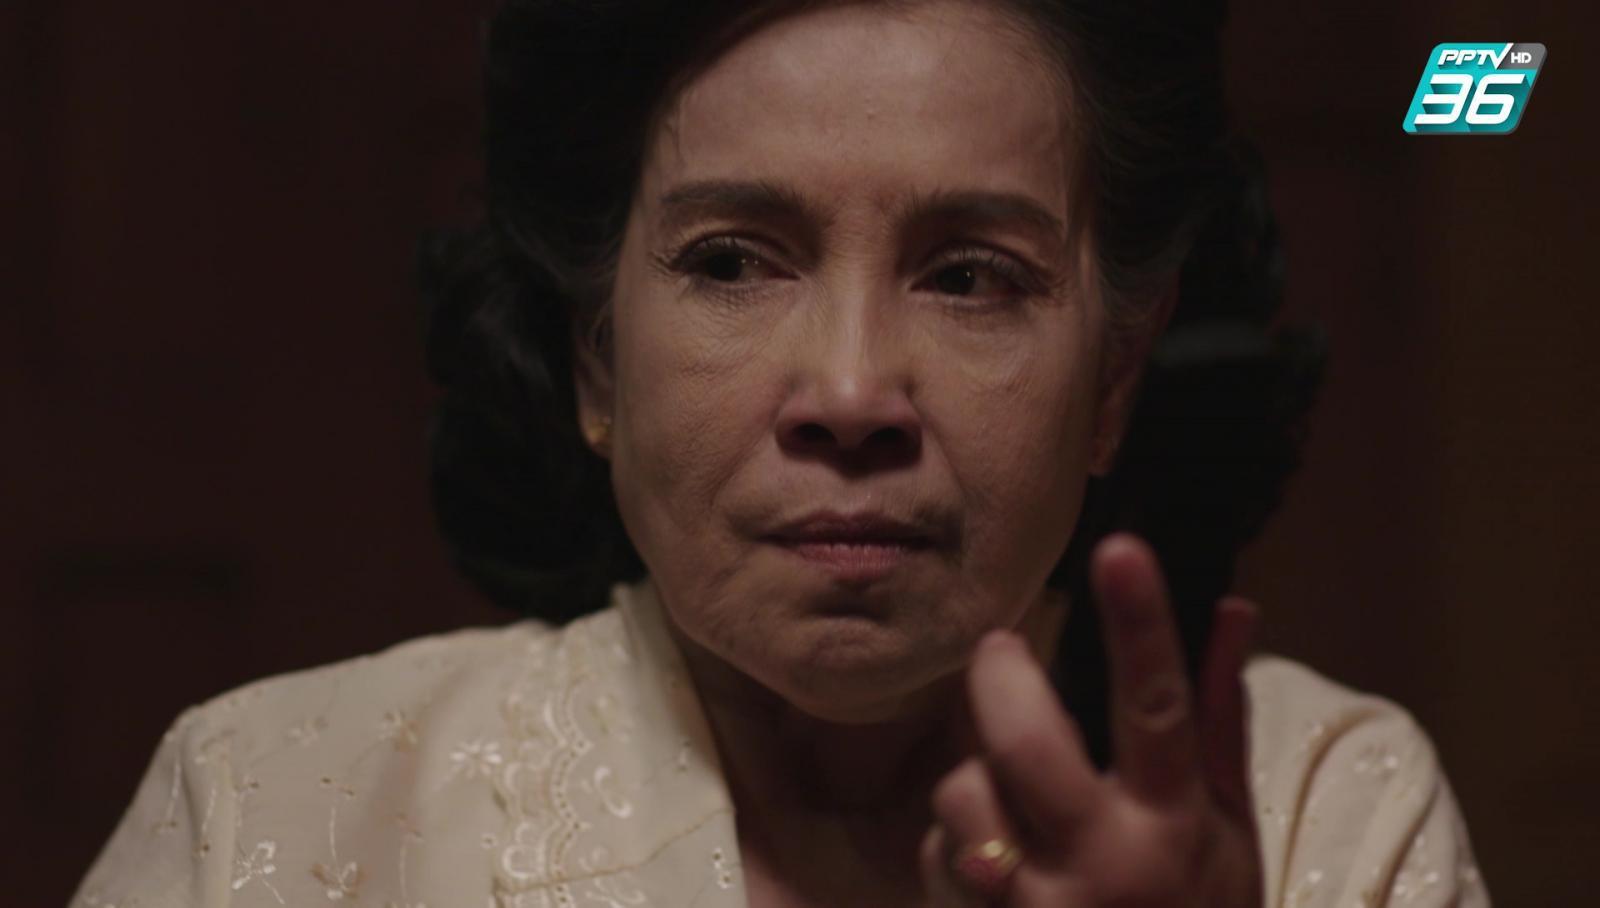 ฟินสุด | รักของแม่...แพ้ความถูกต้อง | มนตรามหาเสน่ห์ EP.23 | PPTV HD 36